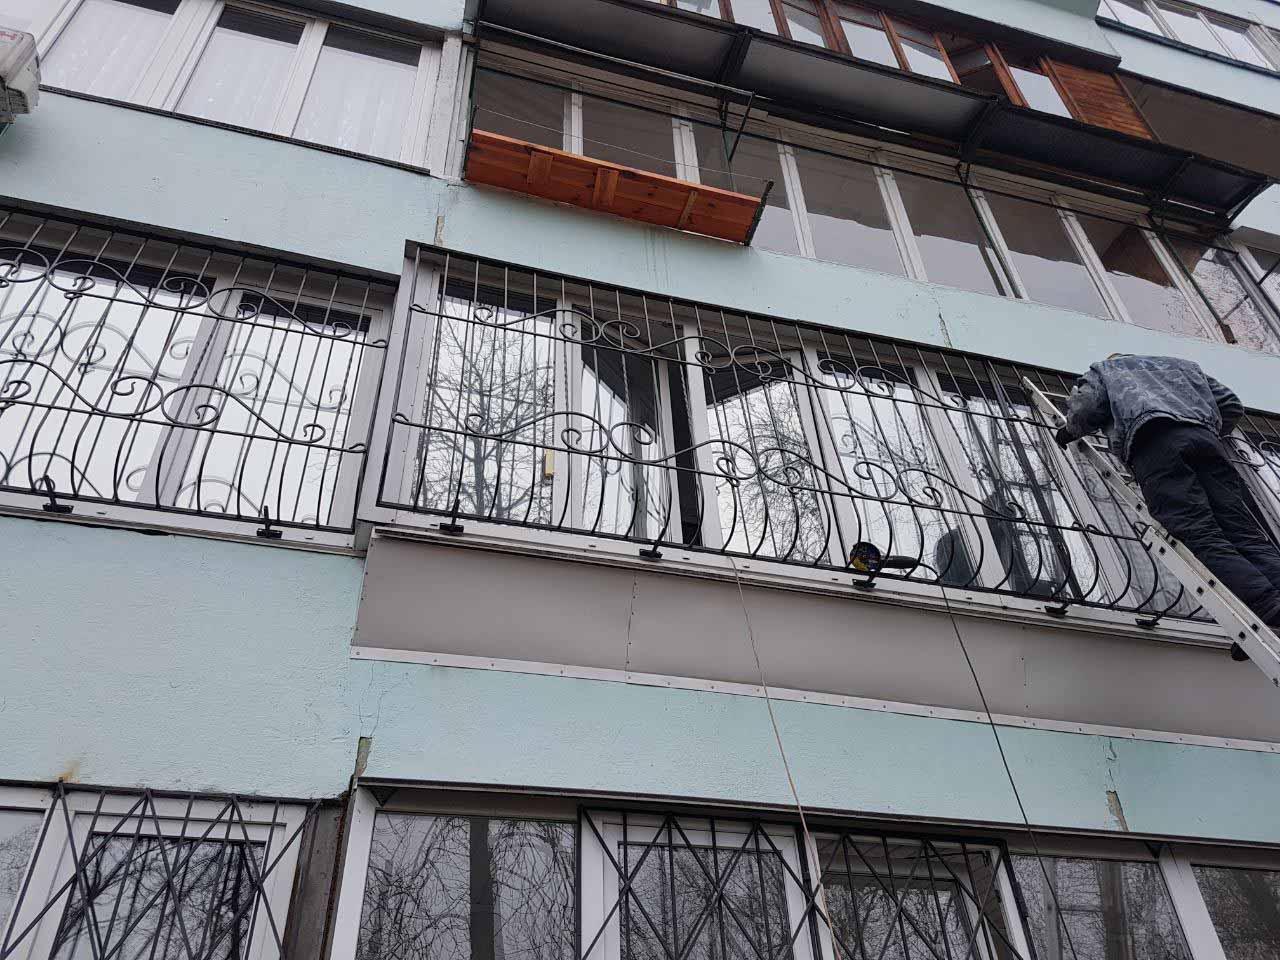 Луковичная решетка на второй этаж от 28.01.20 (артикул 280120)-2